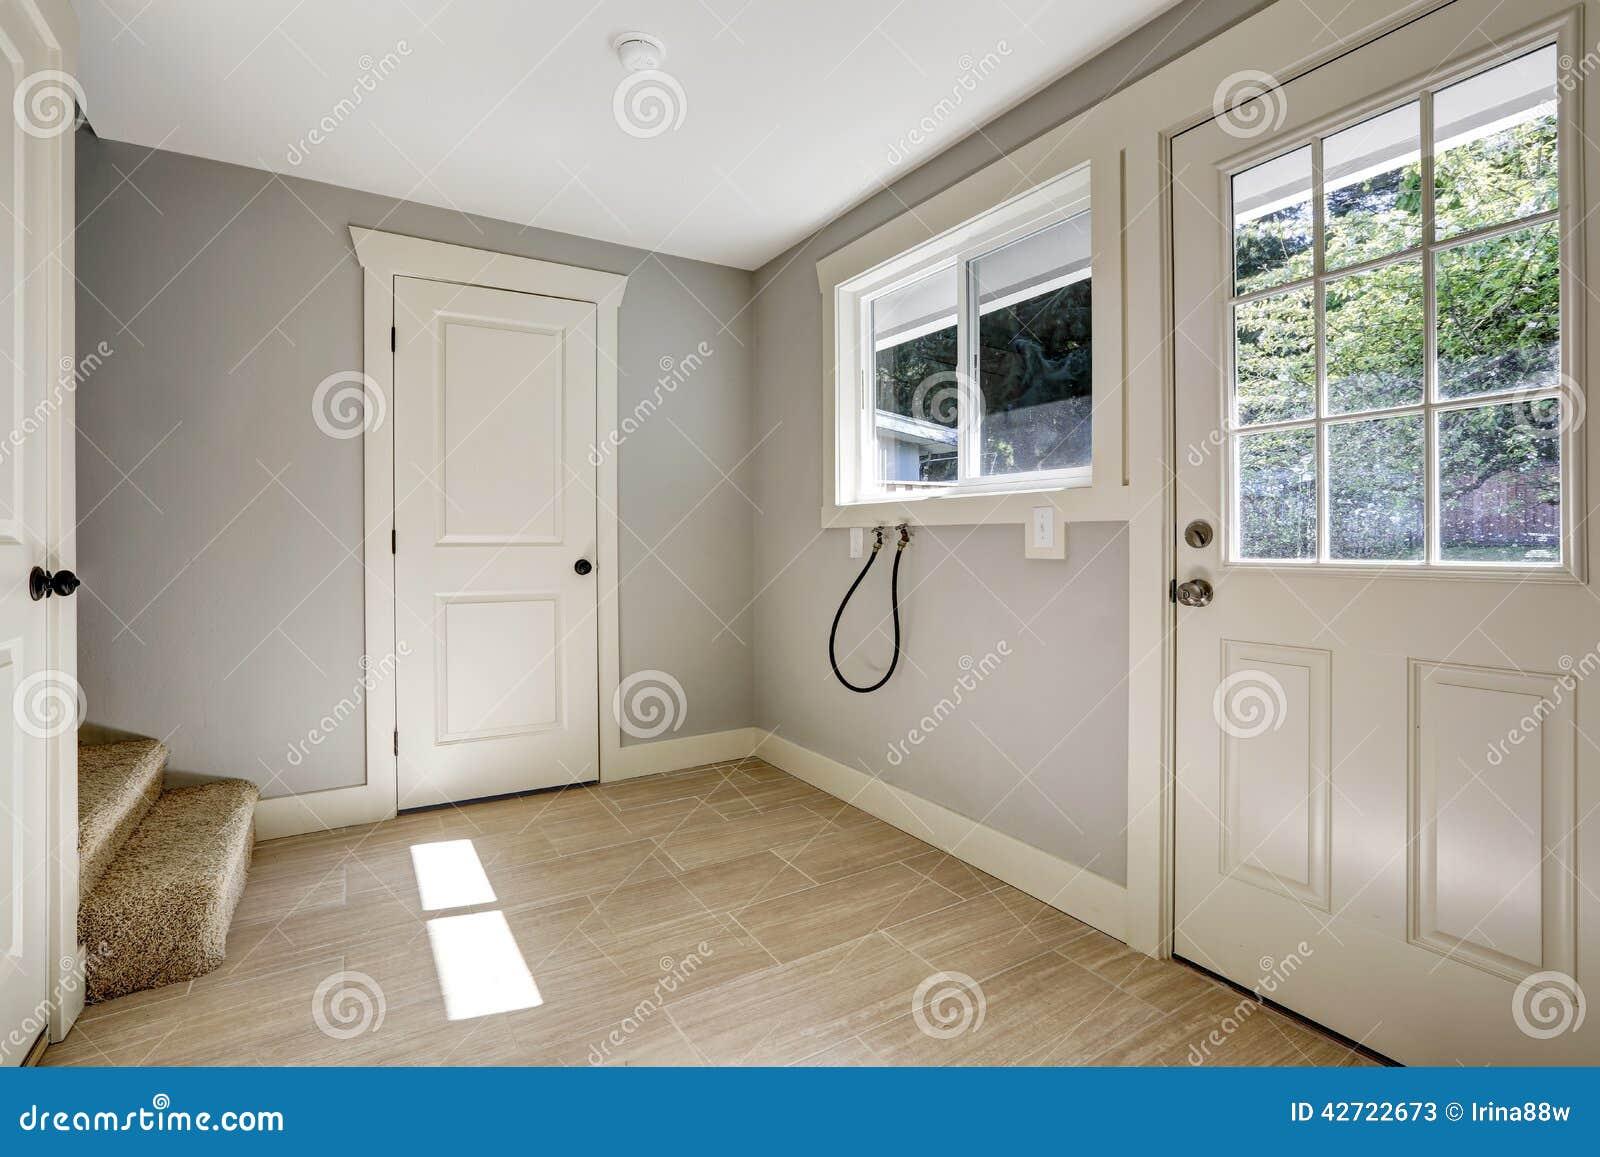 Corridoio vuoto con la porta di entrata e della pavimentazione in